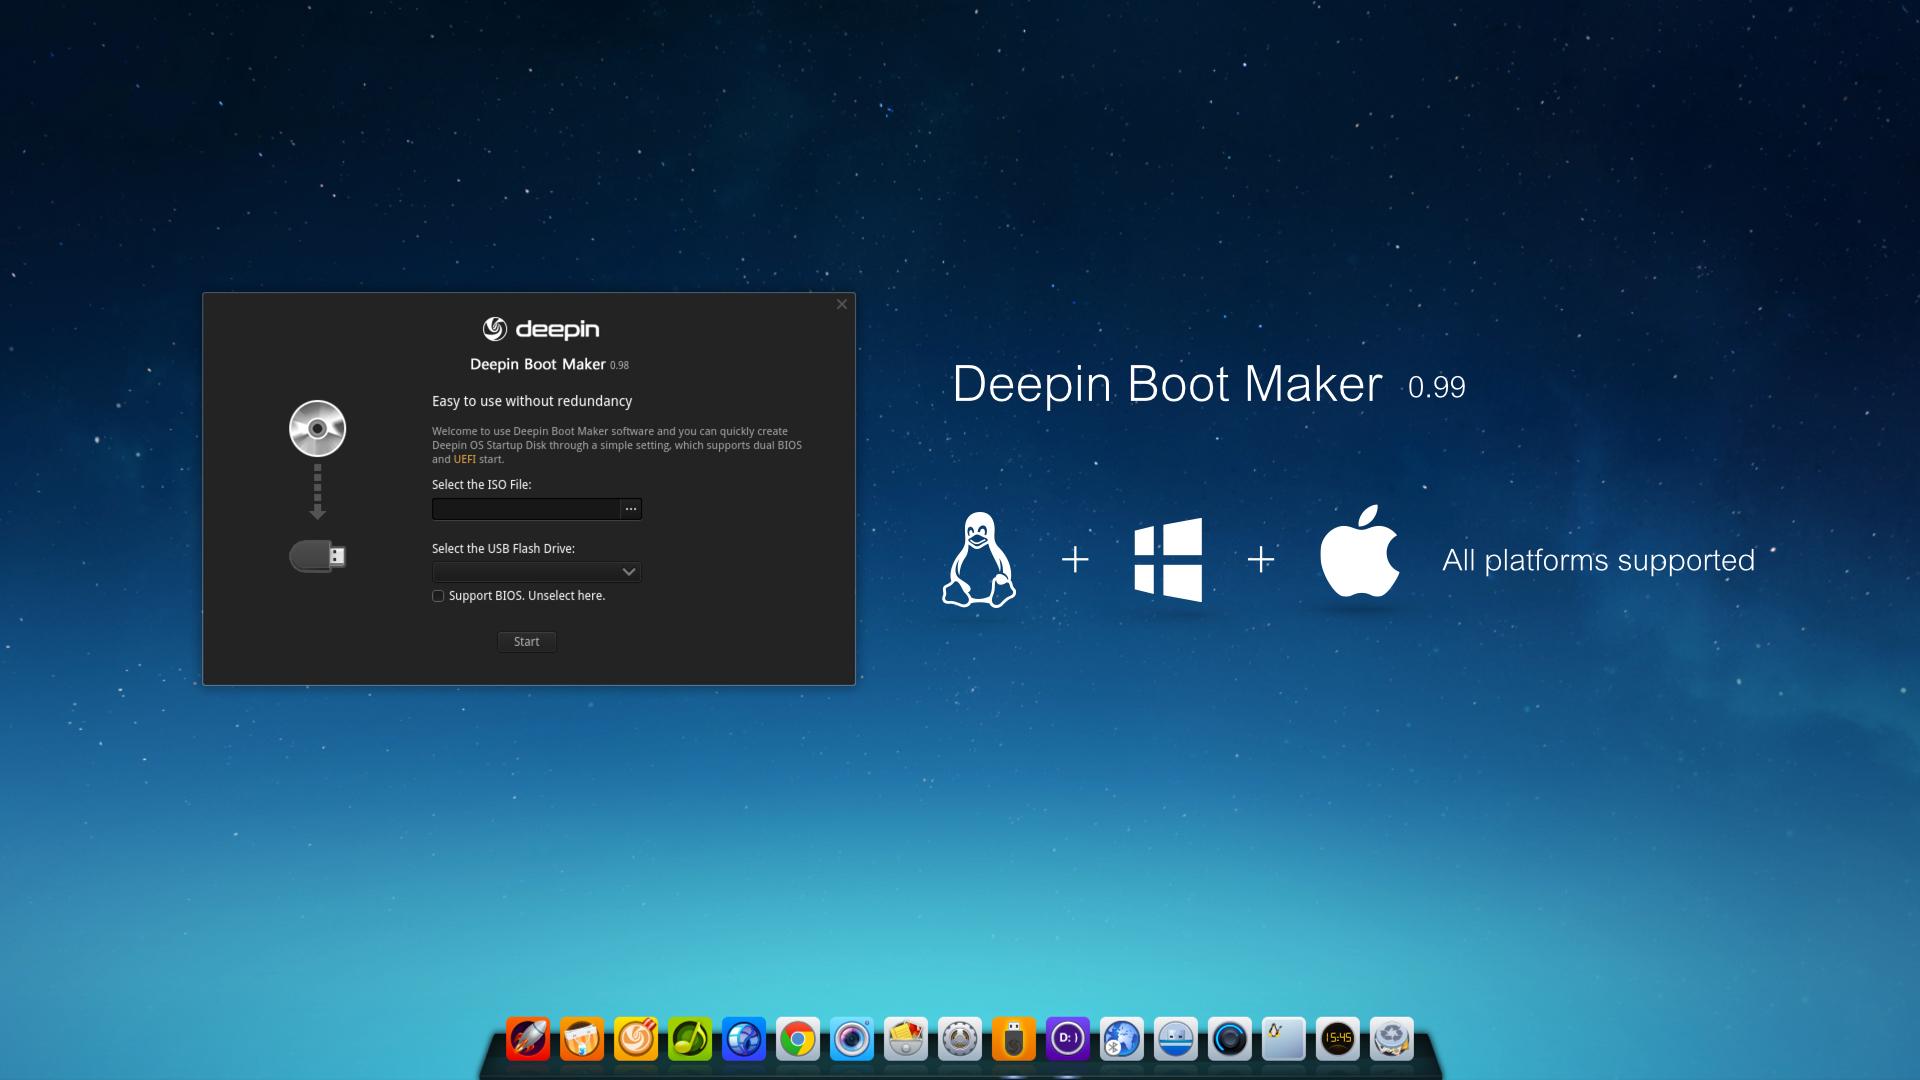 Deepin Boot Maker